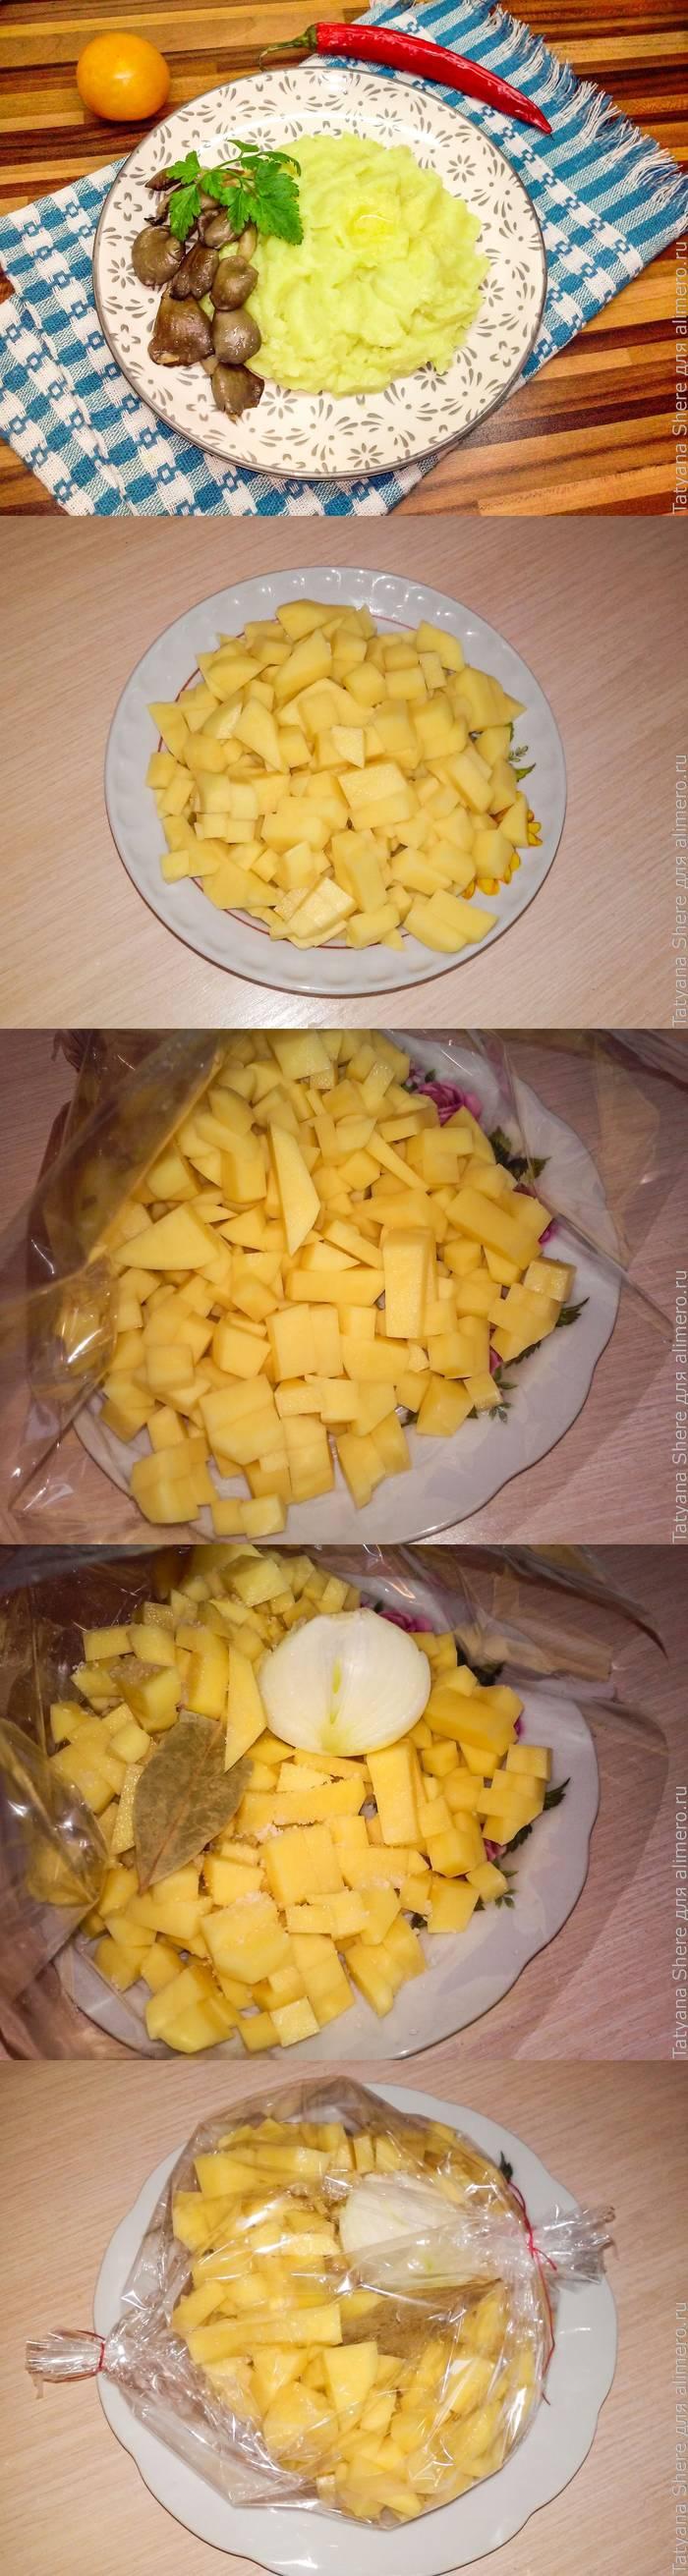 Вкусное картофельное пюре в микроволновке за 5 минут